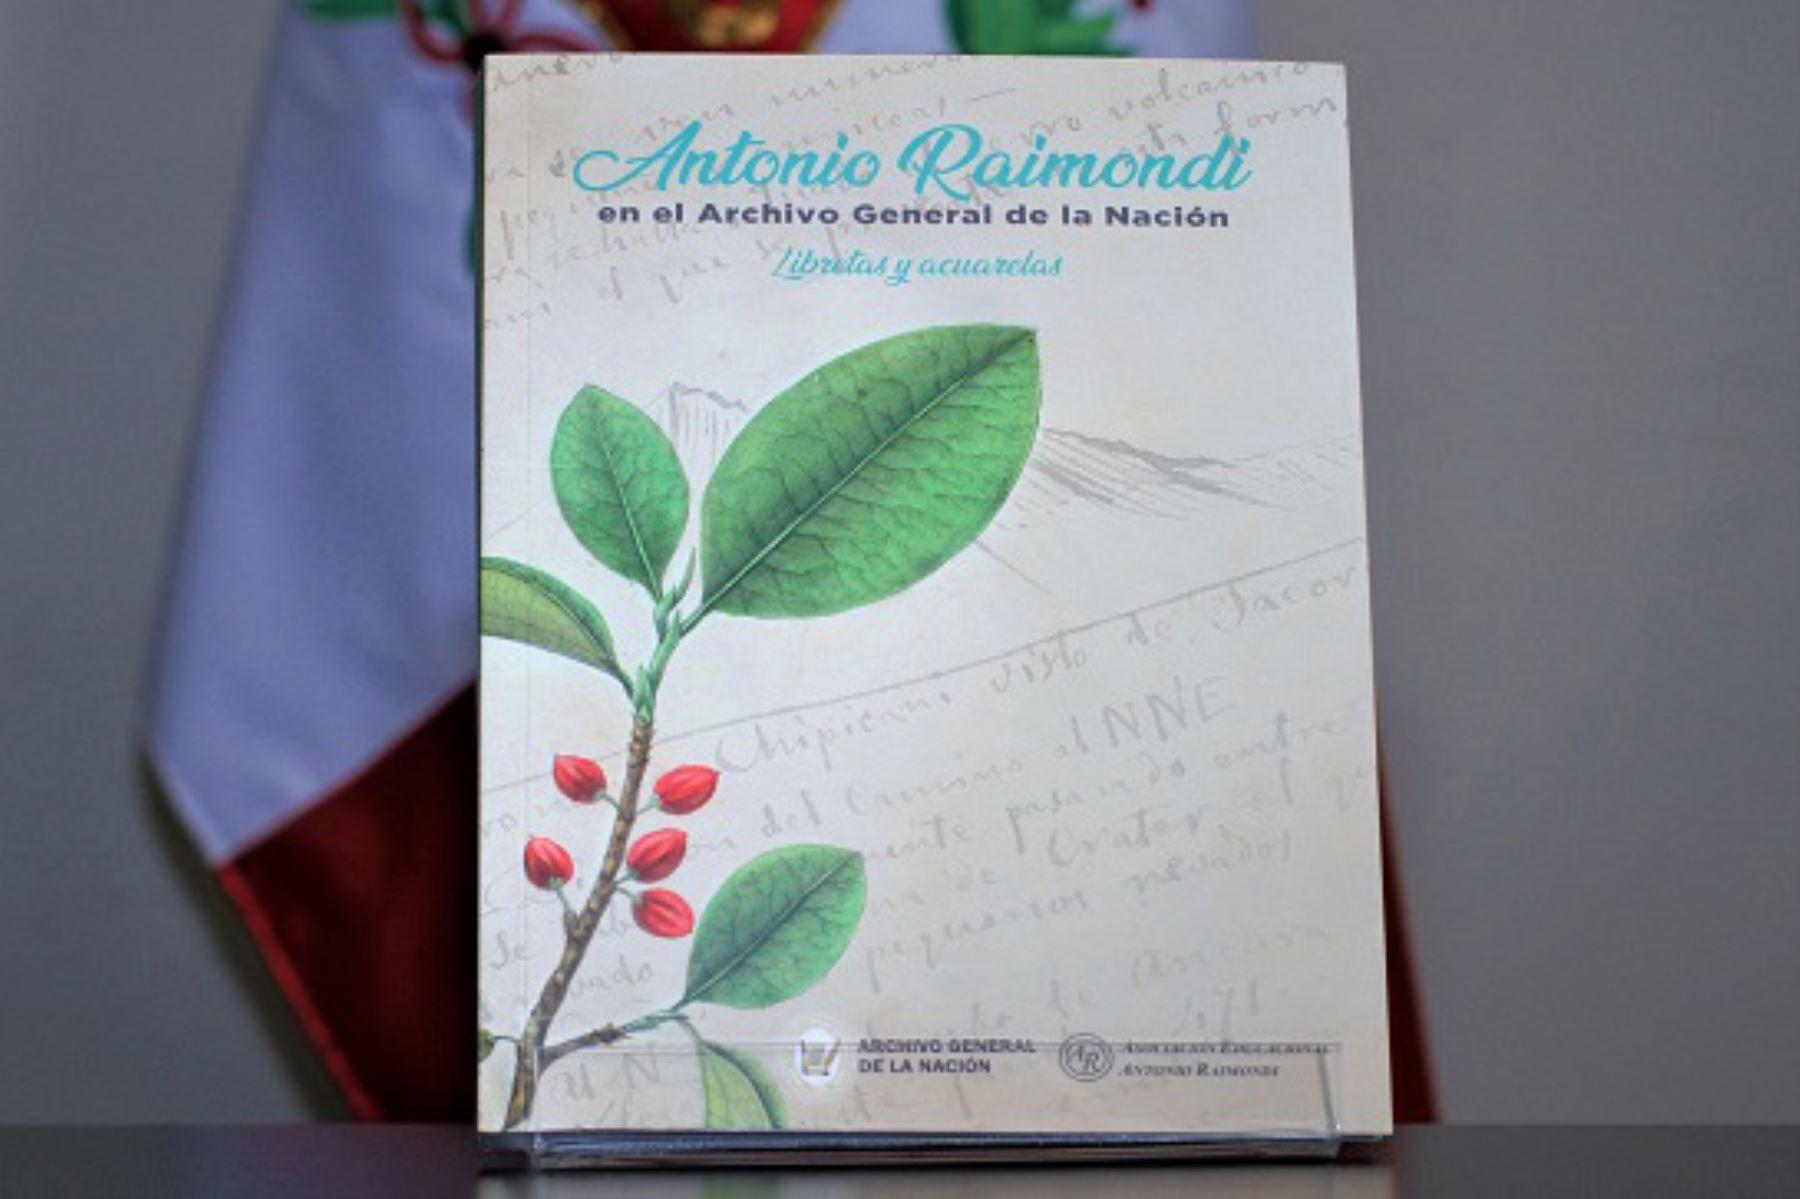 agn-presenta-libro-sobre-antonio-raimondi-para-que-los-jovenes-conozcan-mas-el-peru